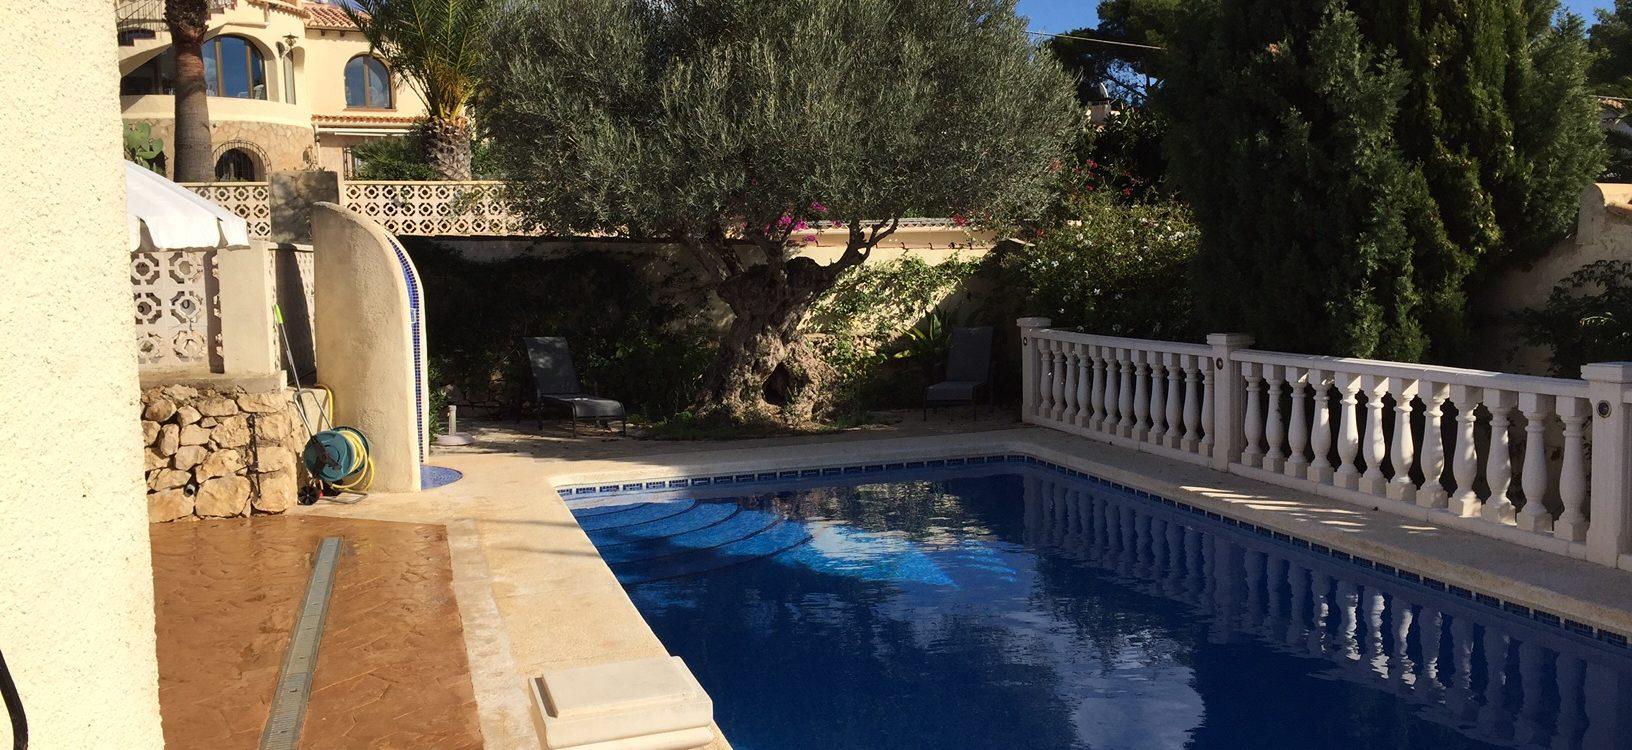 Villa mit Schwimmbad und schöner Aussicht